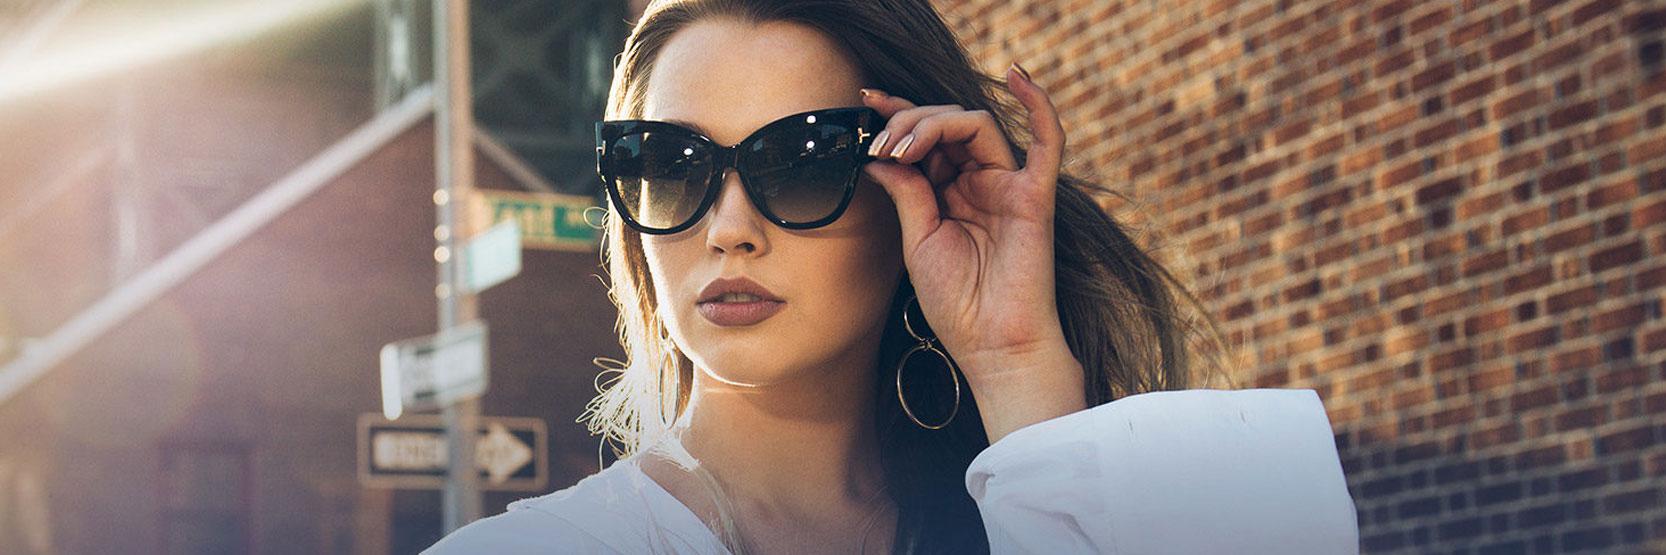 نشأة النظارات الشمسية